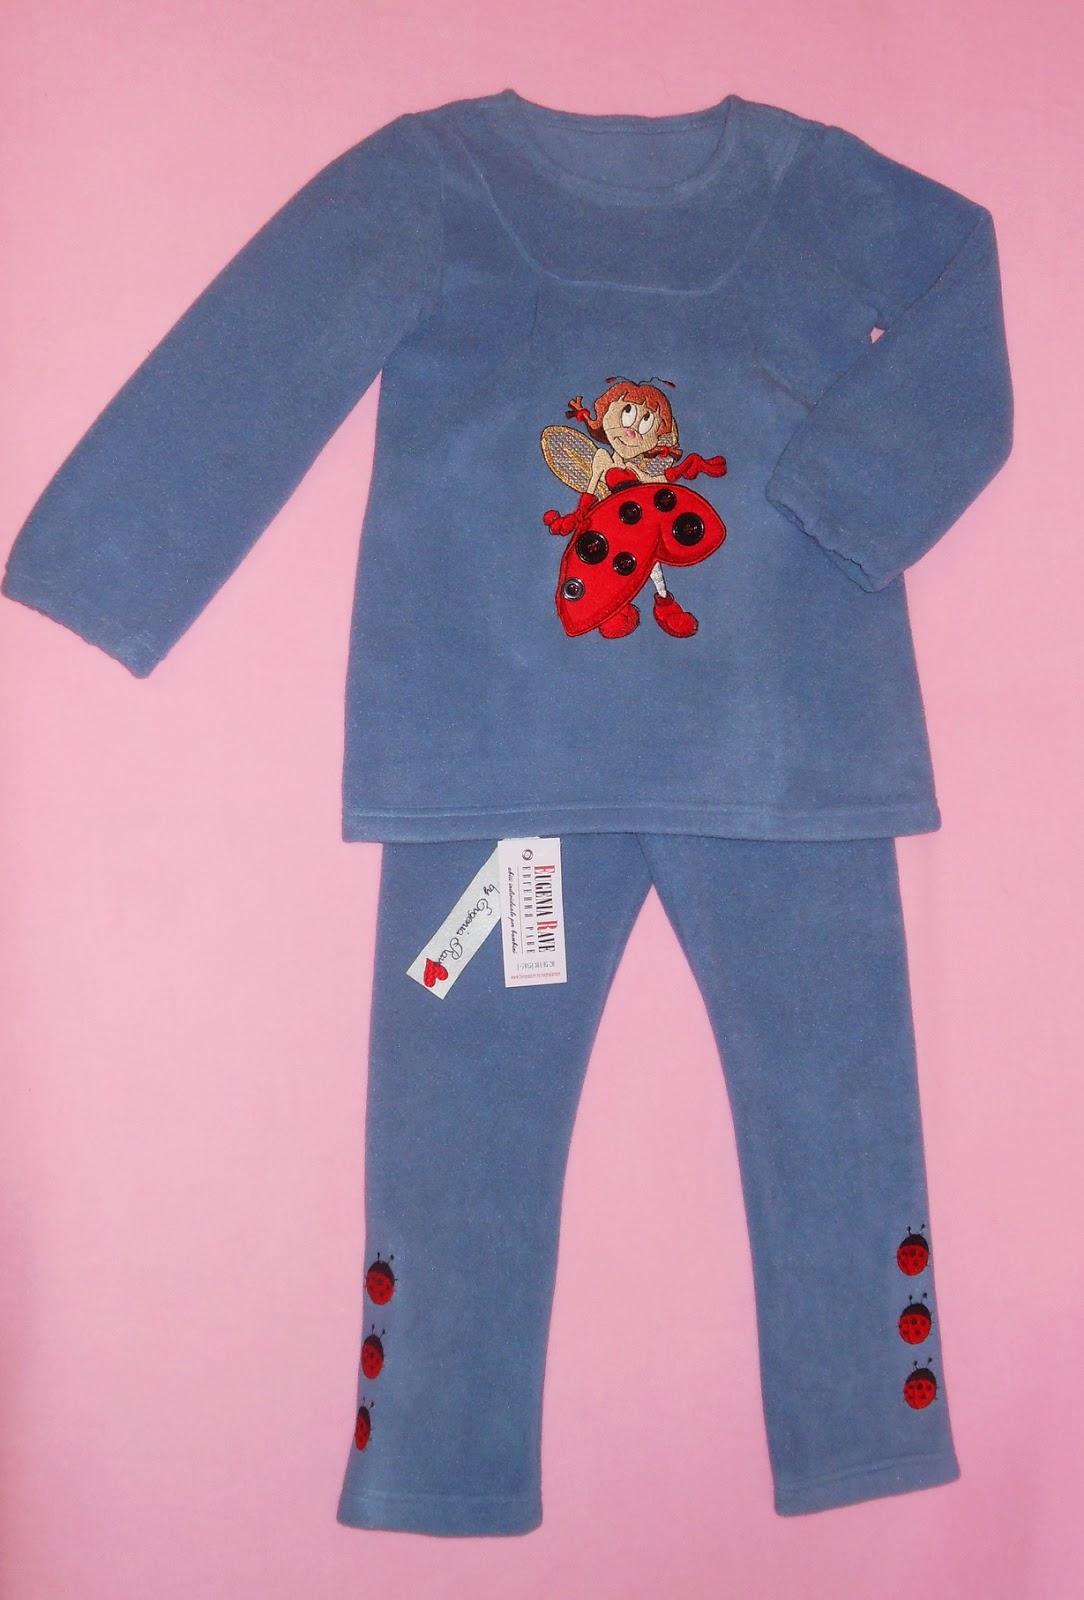 костюм для девочки, термобелье, шью для детей, для девочек, вышивка